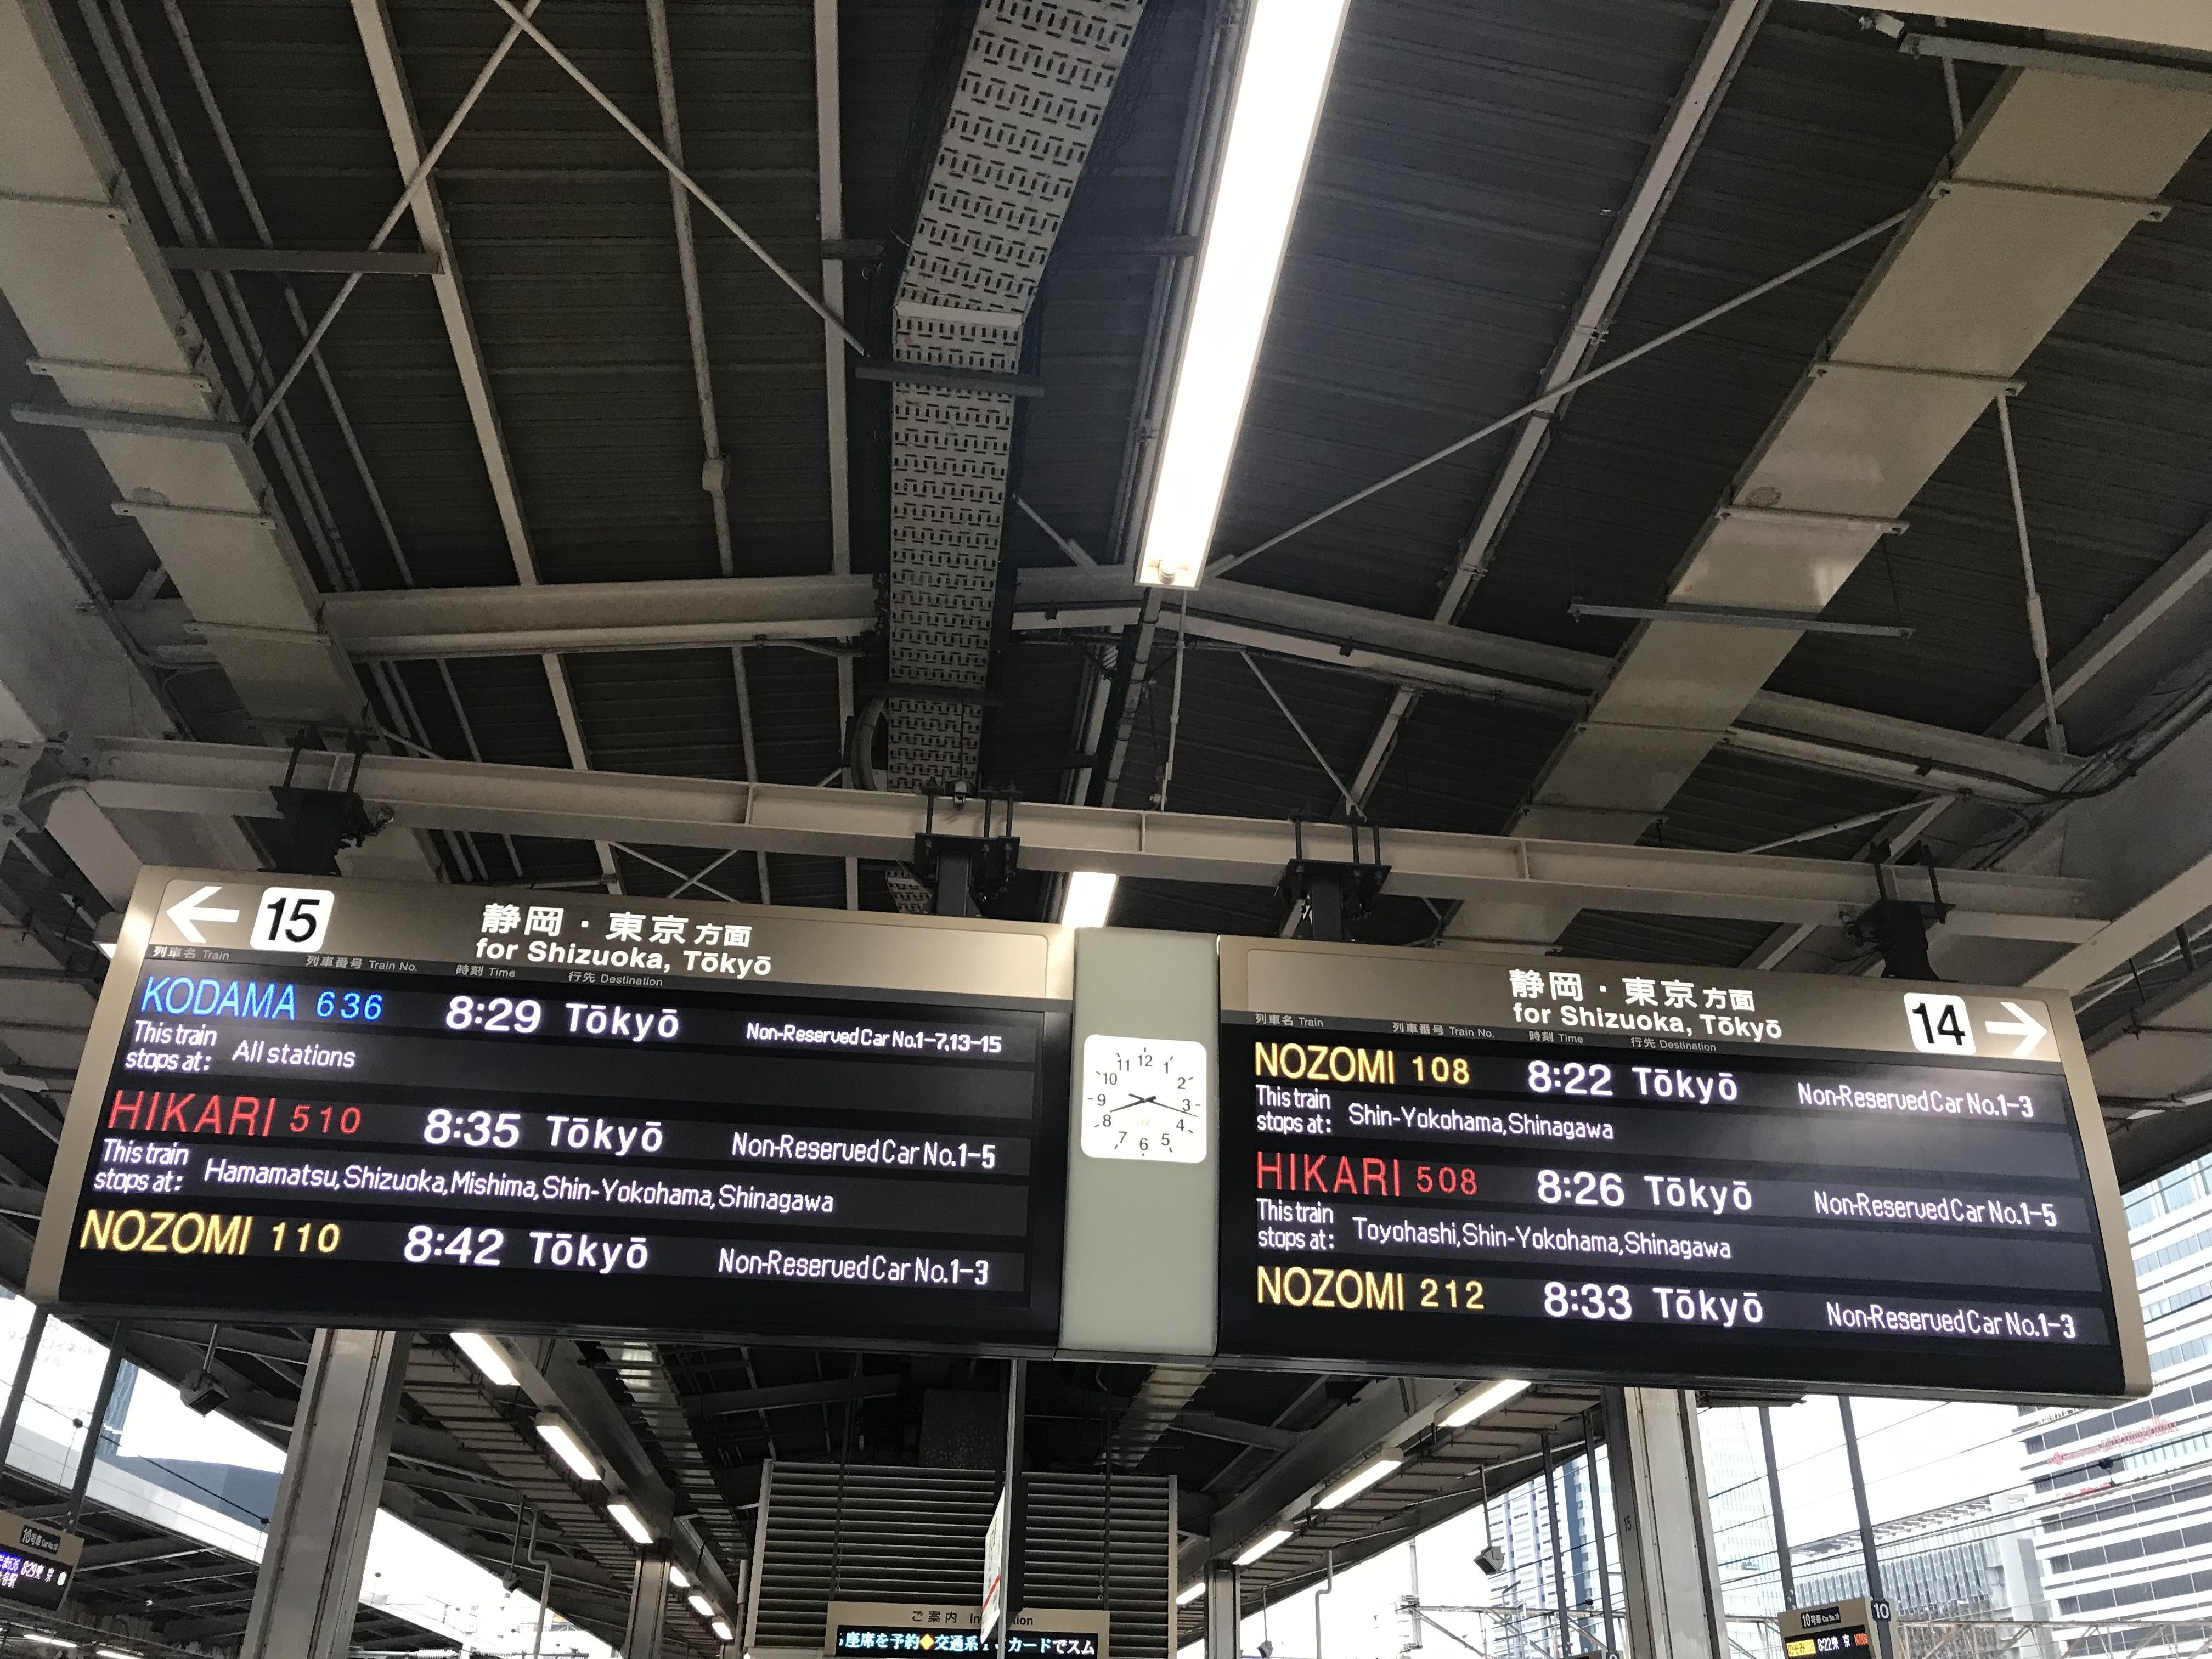 東京に行くには、新幹線